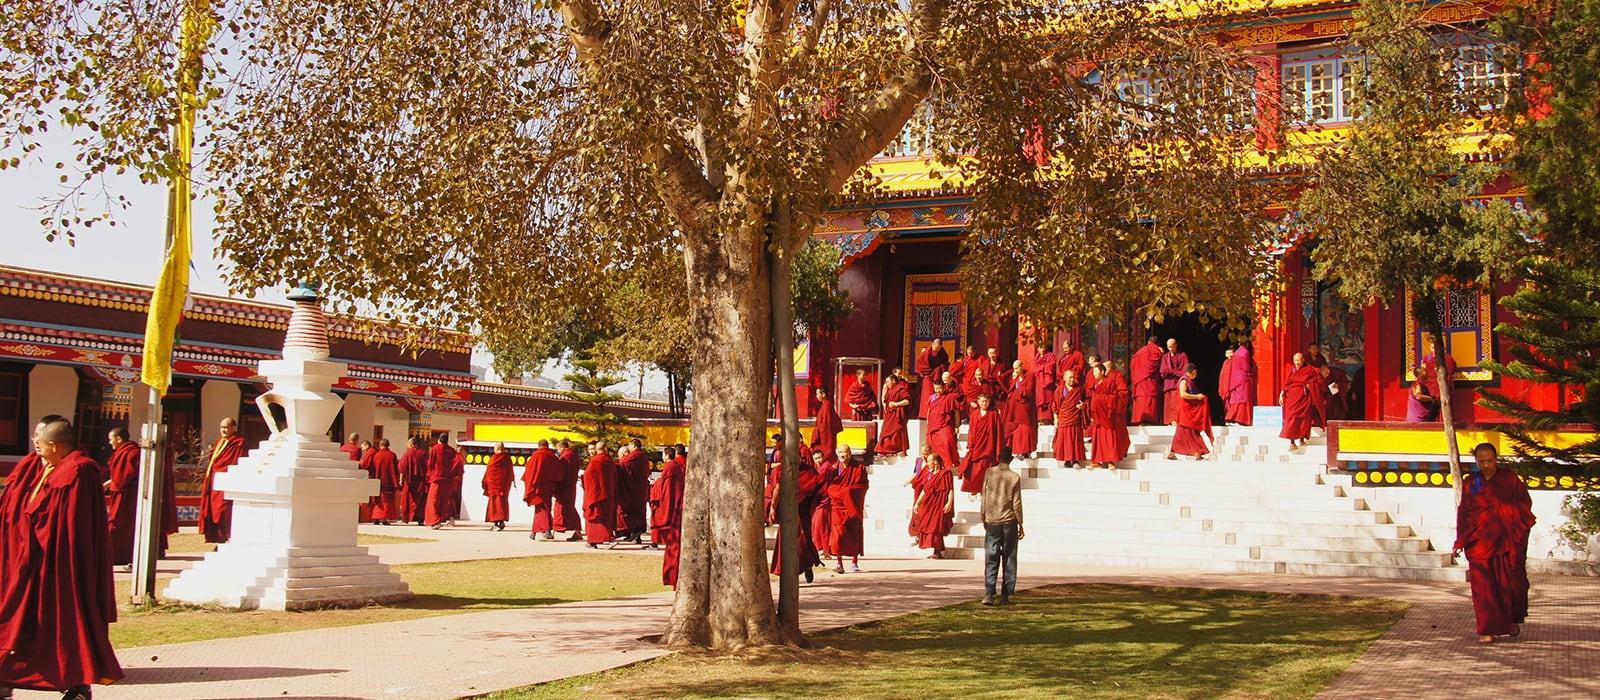 Voyage organisé en petit groupe - Monastère de Menri - Inde - Agence de voyage Les Routes du Monde